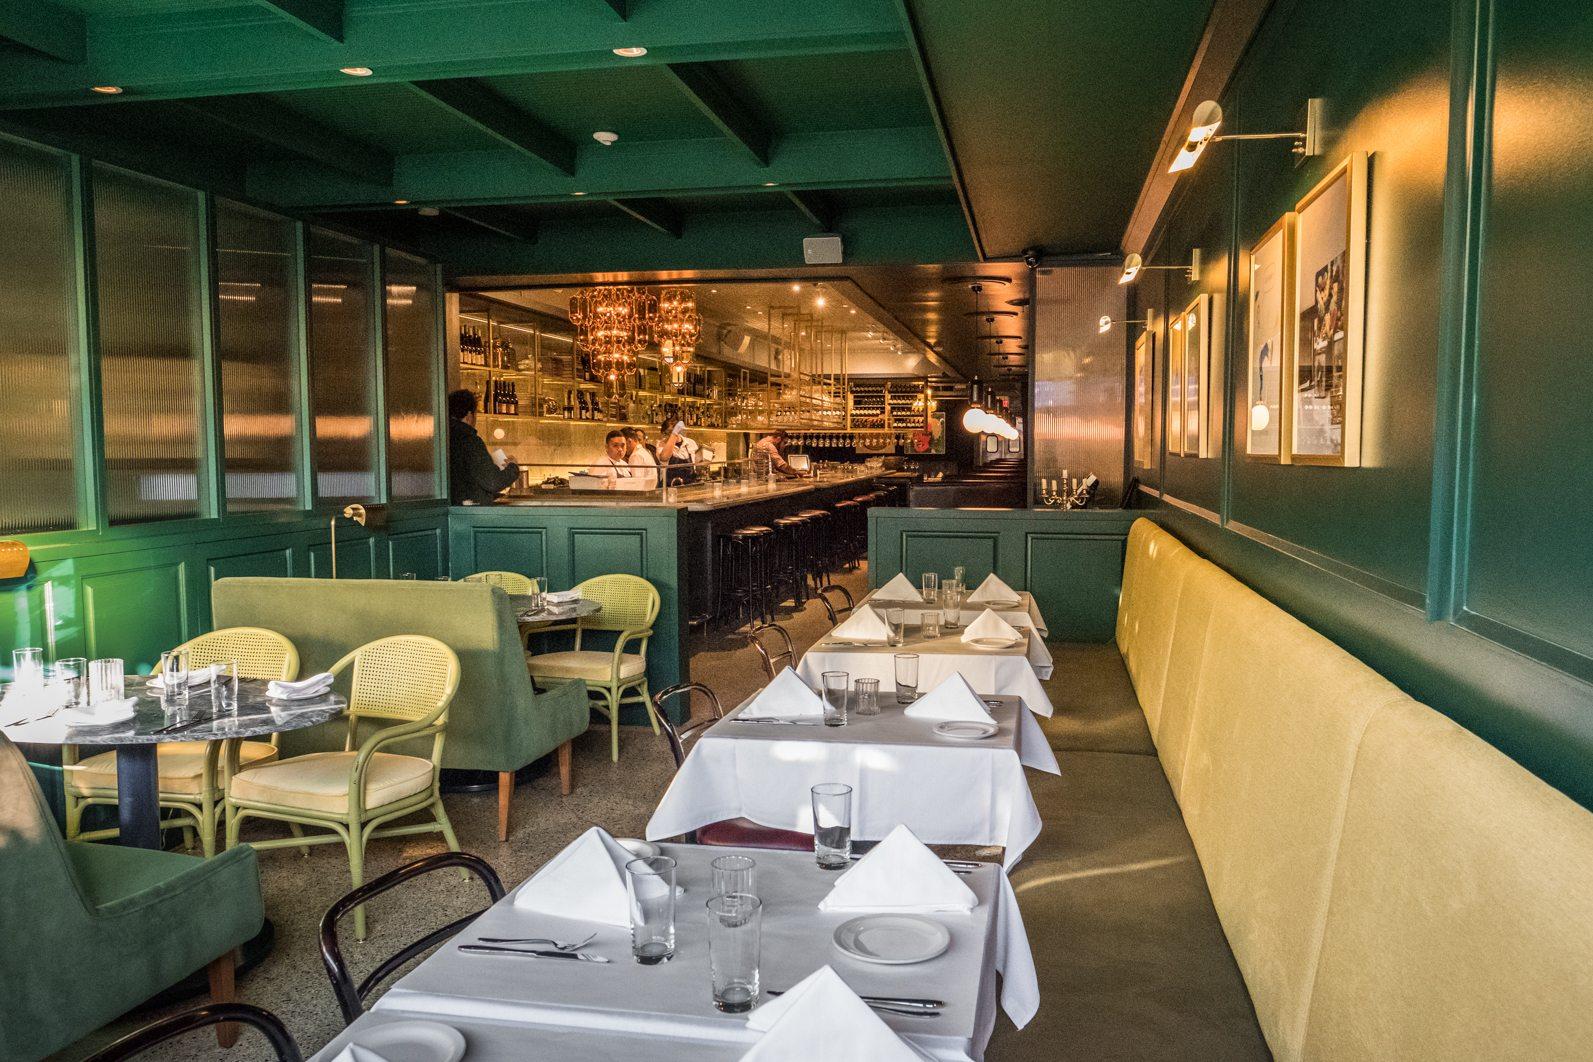 toronto-restaurants-la-banane-ossington-brandon-olsen-french-art-garden-room